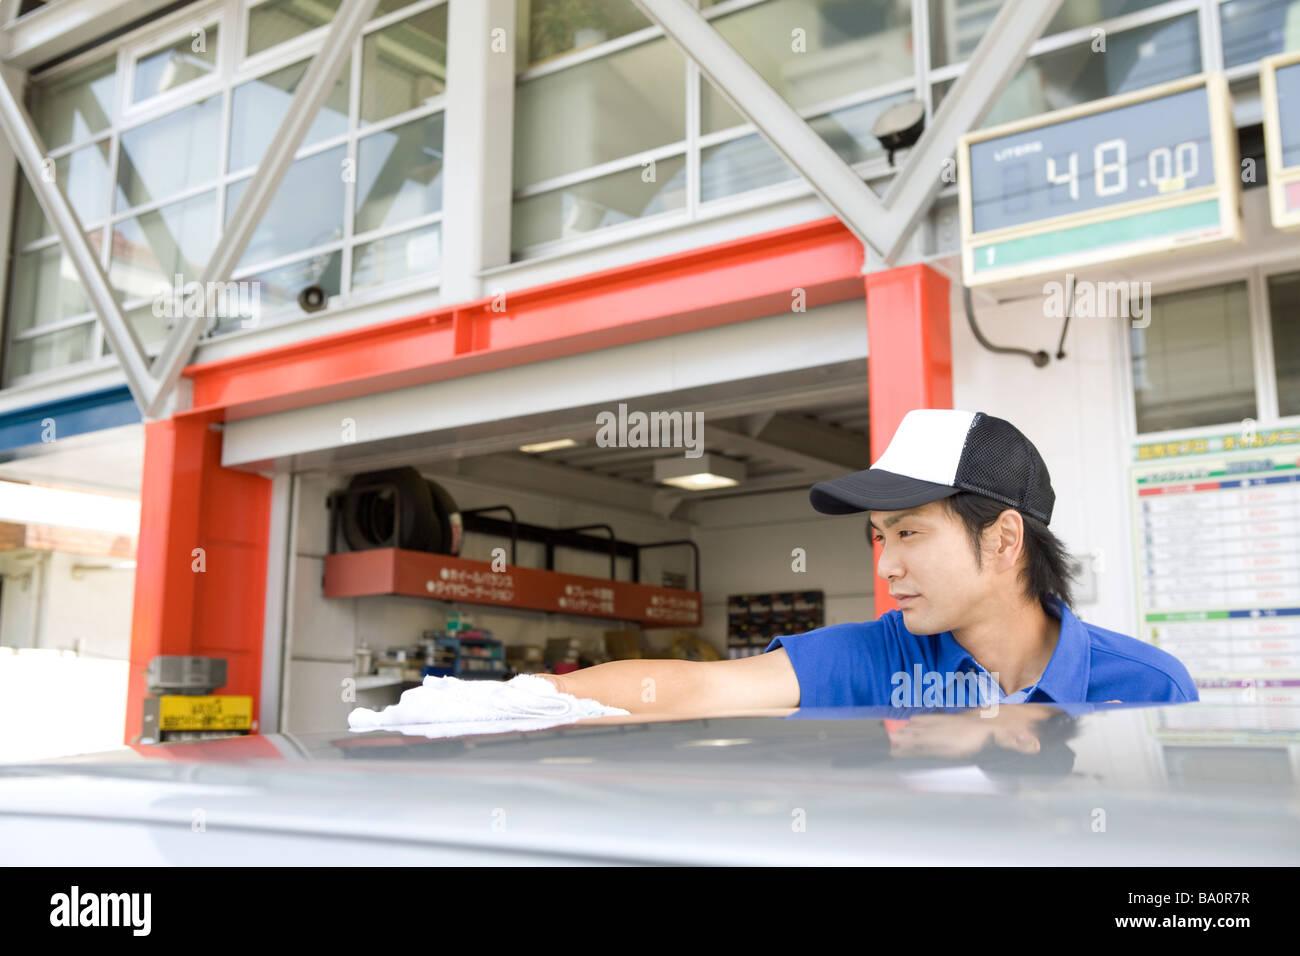 gas station clerk washing car